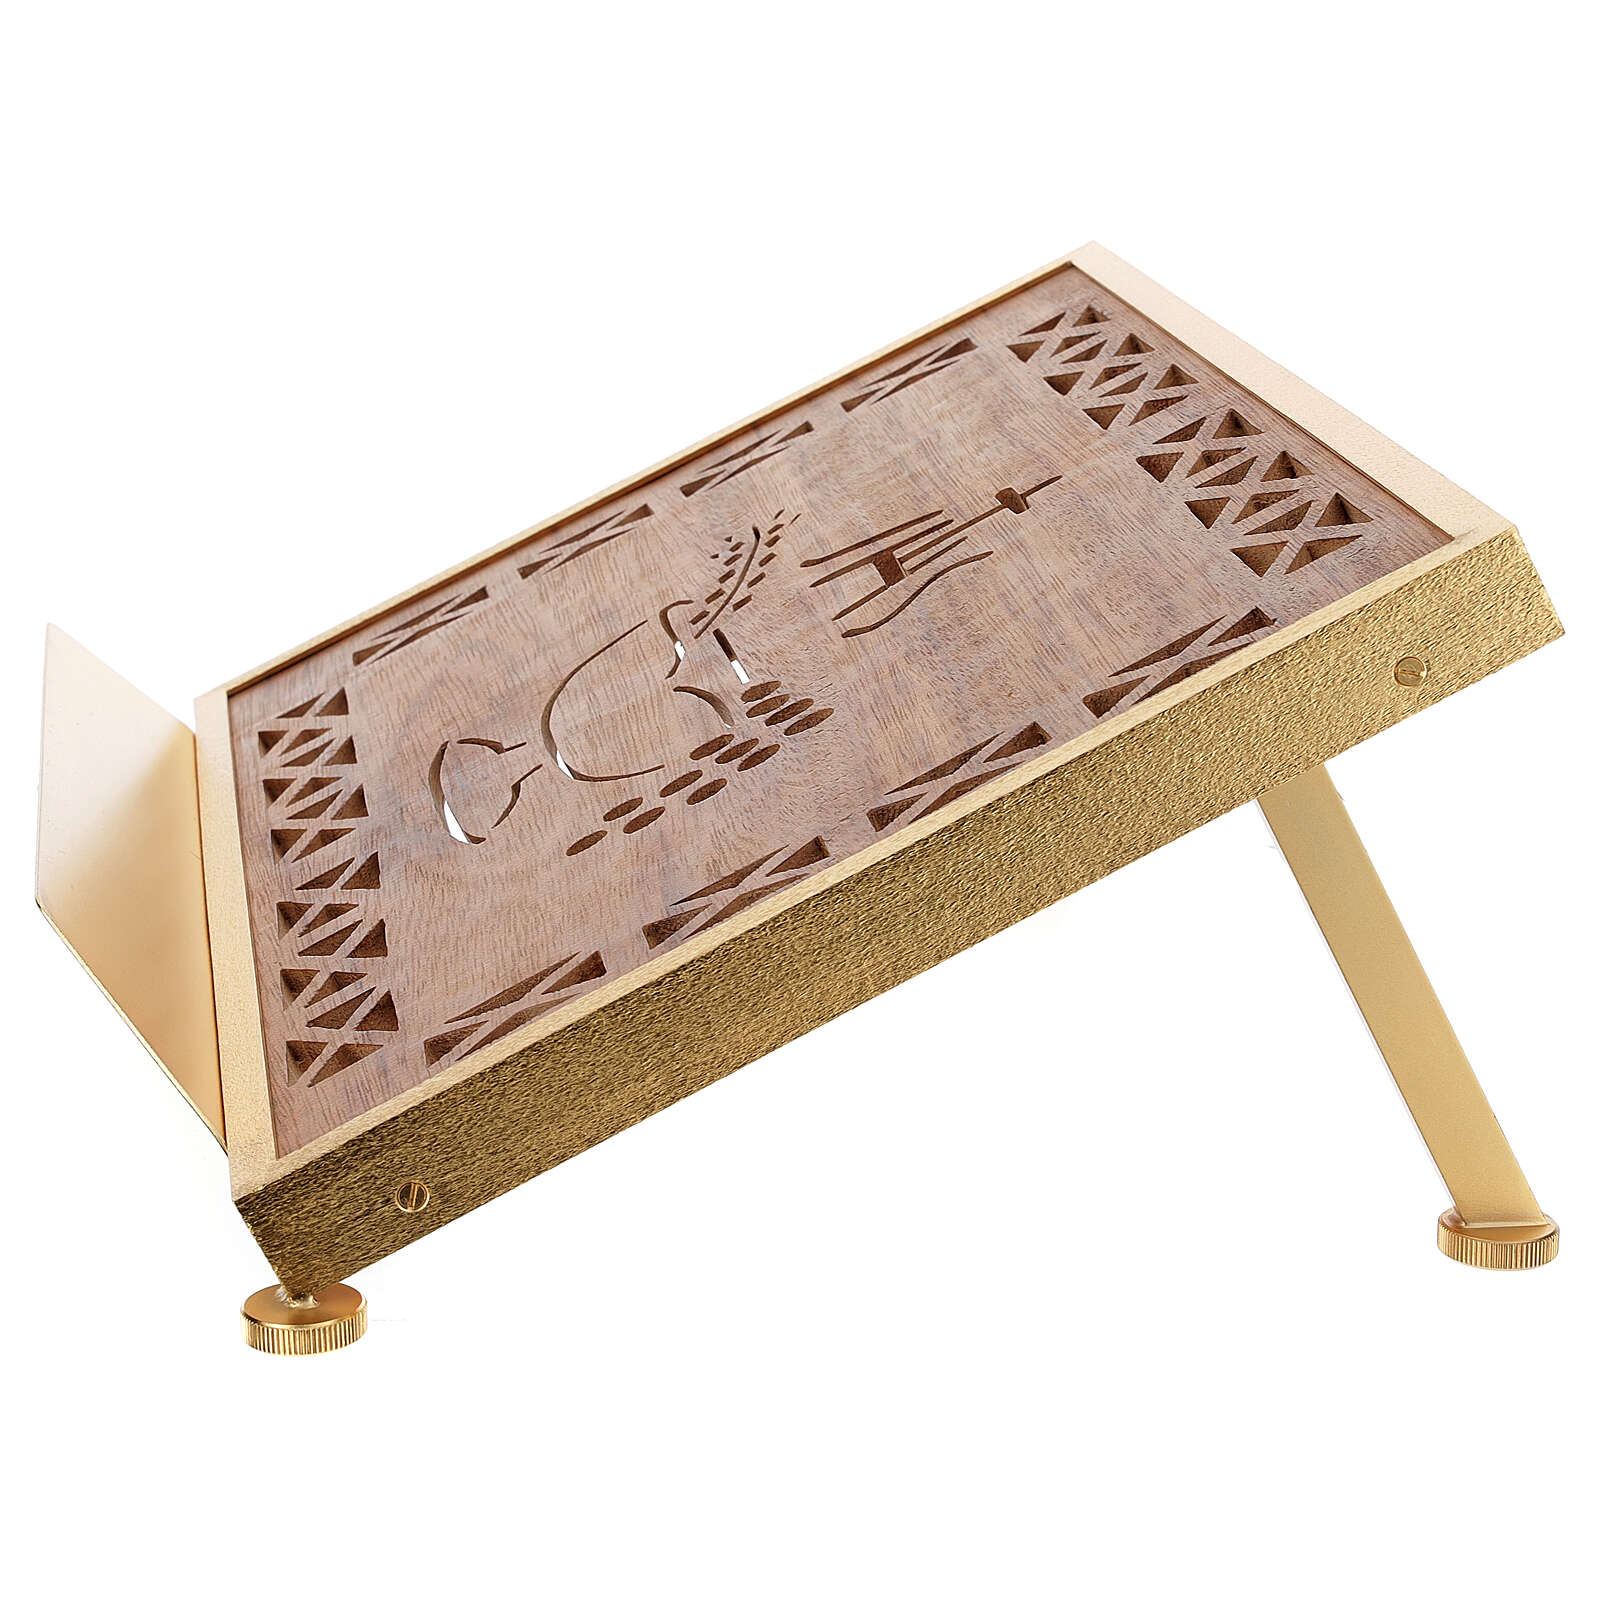 Atril de misa dorado madera y latón IHS 4